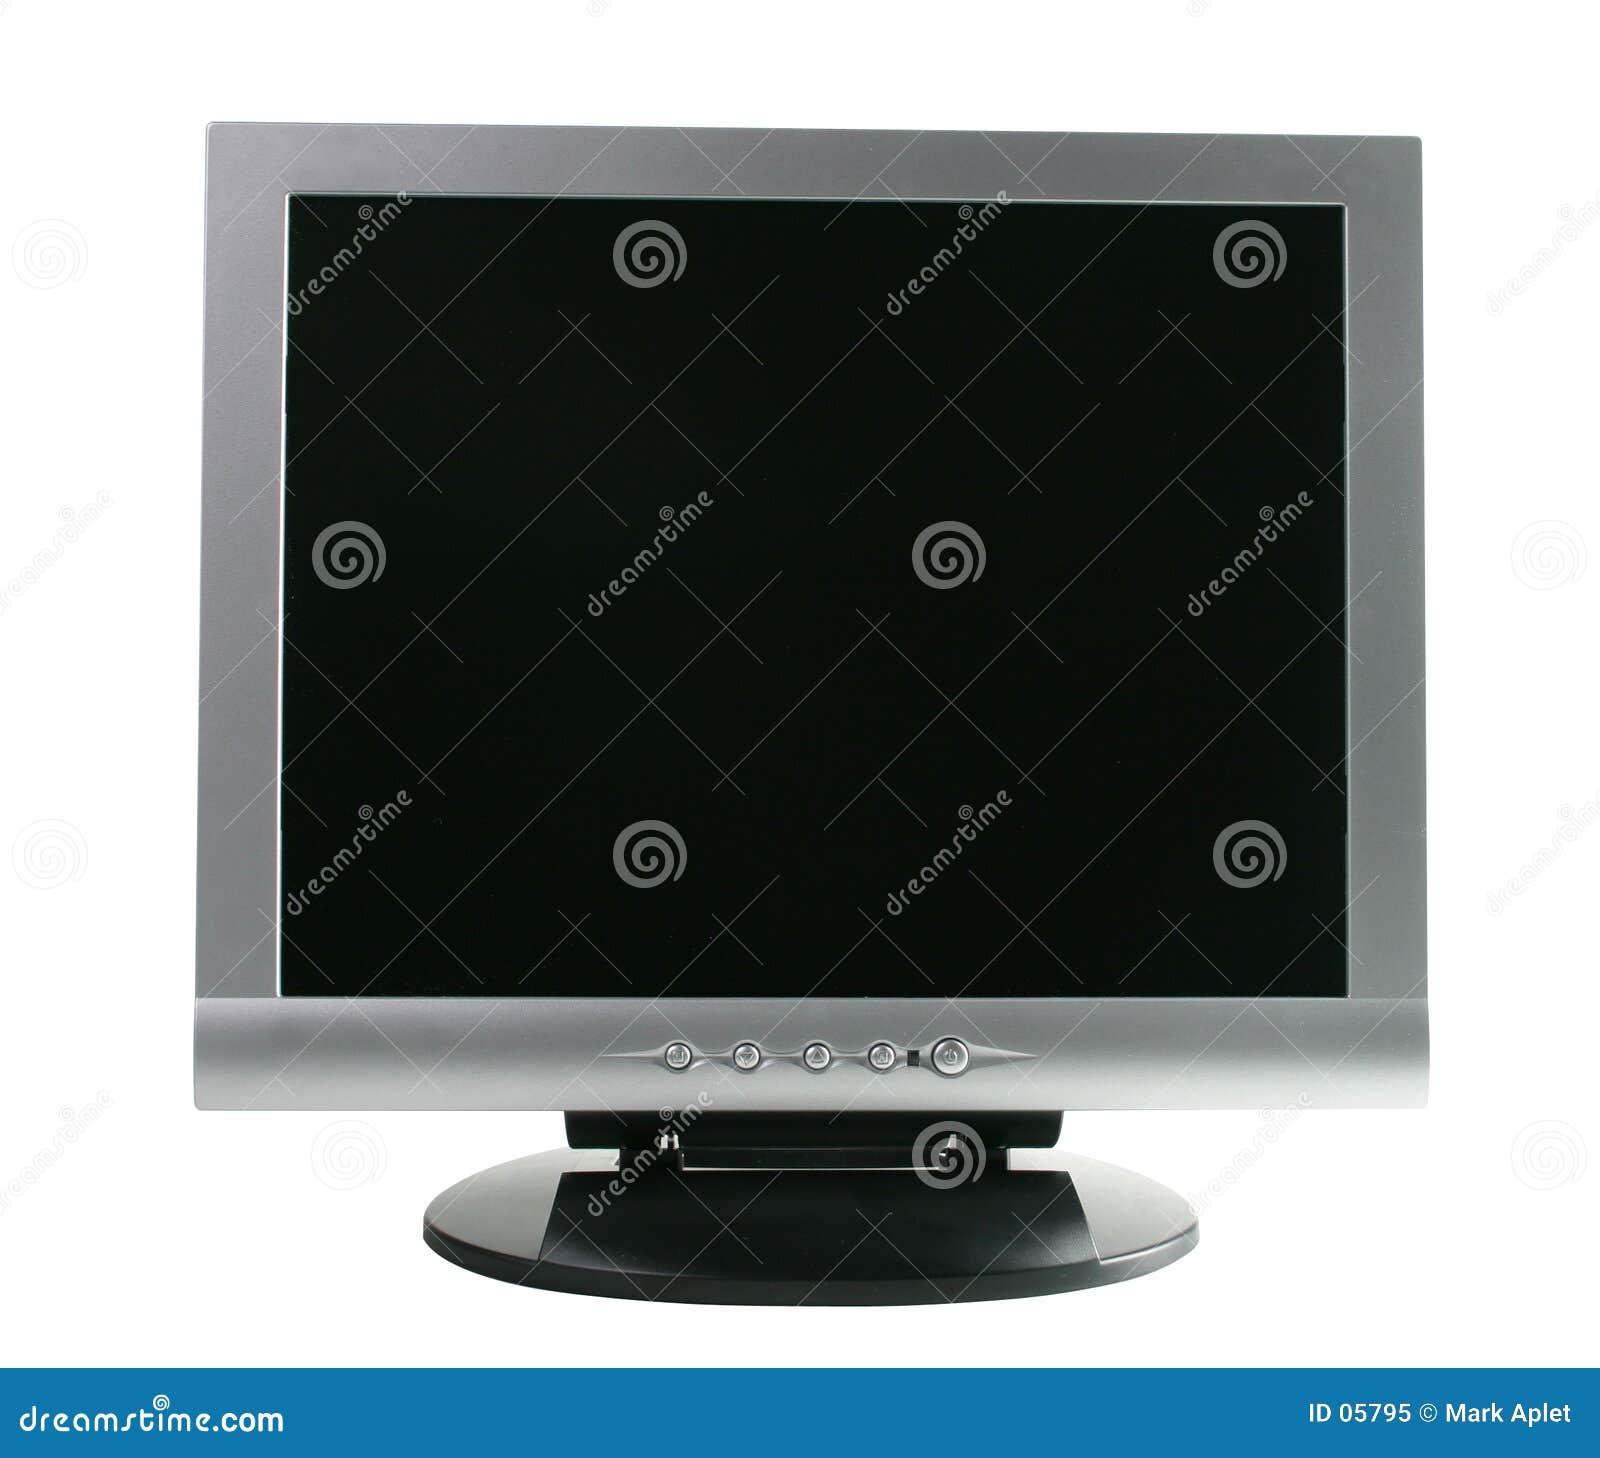 LCD Monitor 2